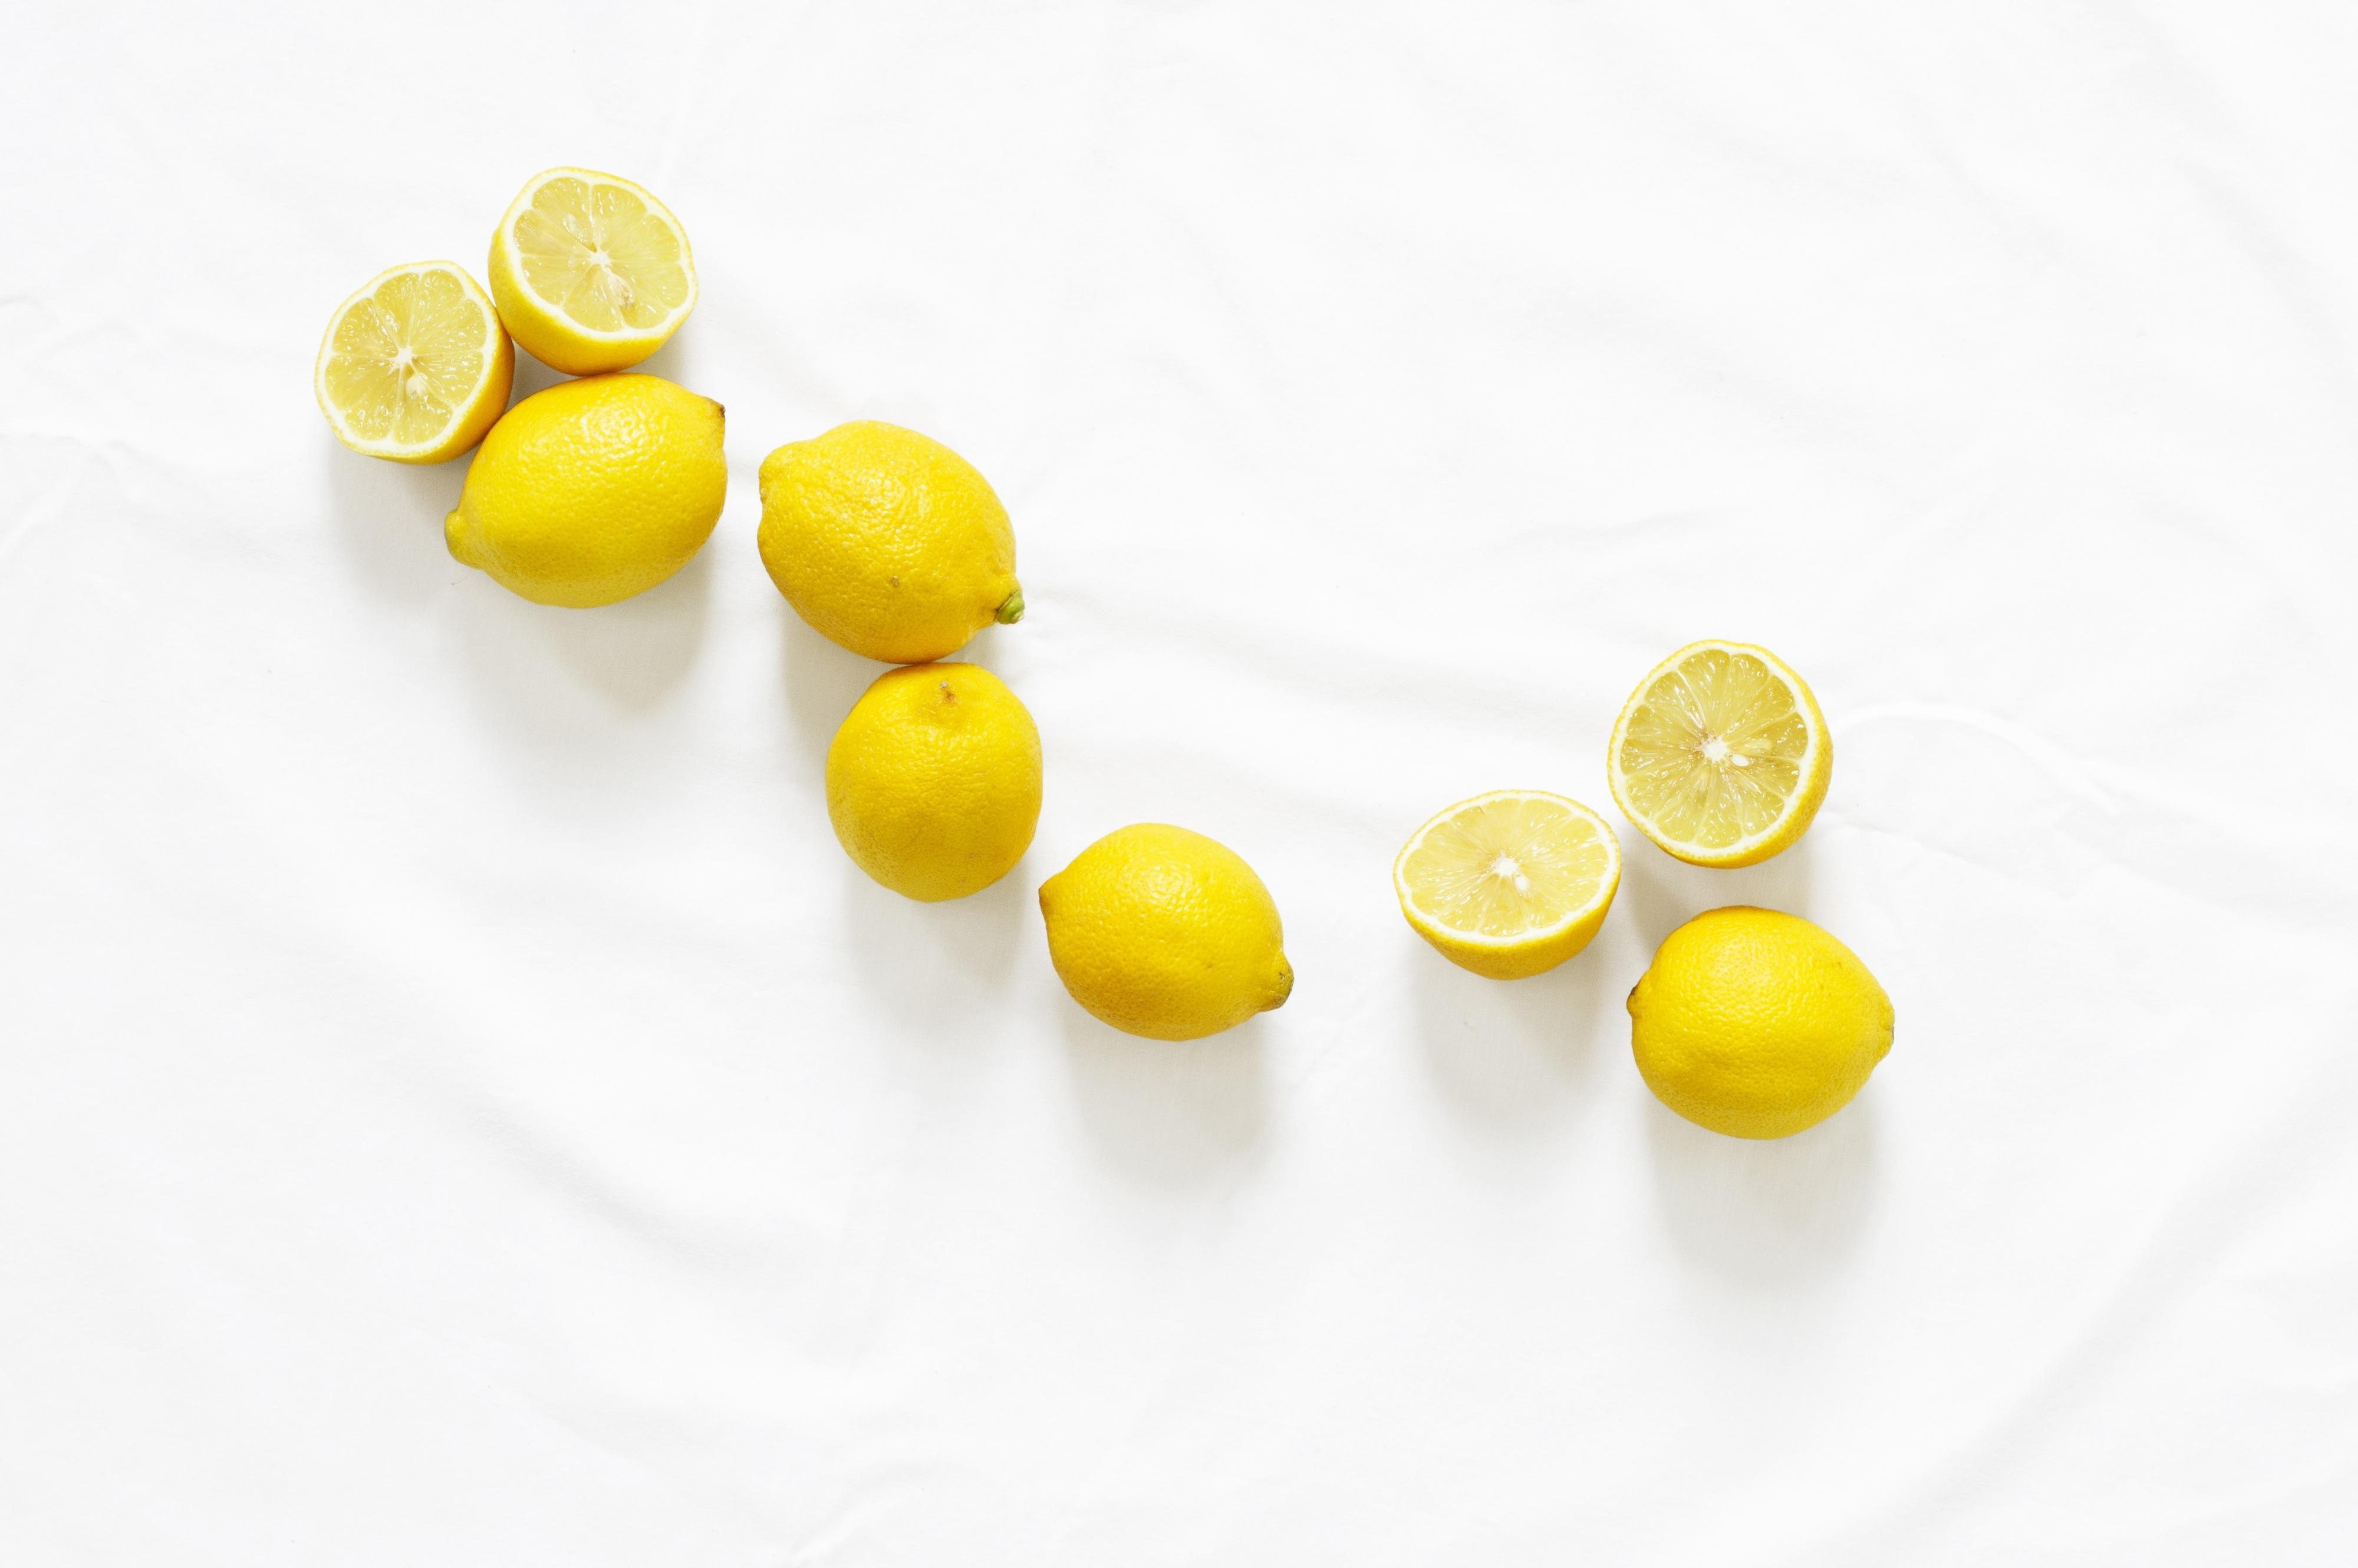 121500 скачать обои Минимализм, Лимоны, Цитрус, Сочный - заставки и картинки бесплатно